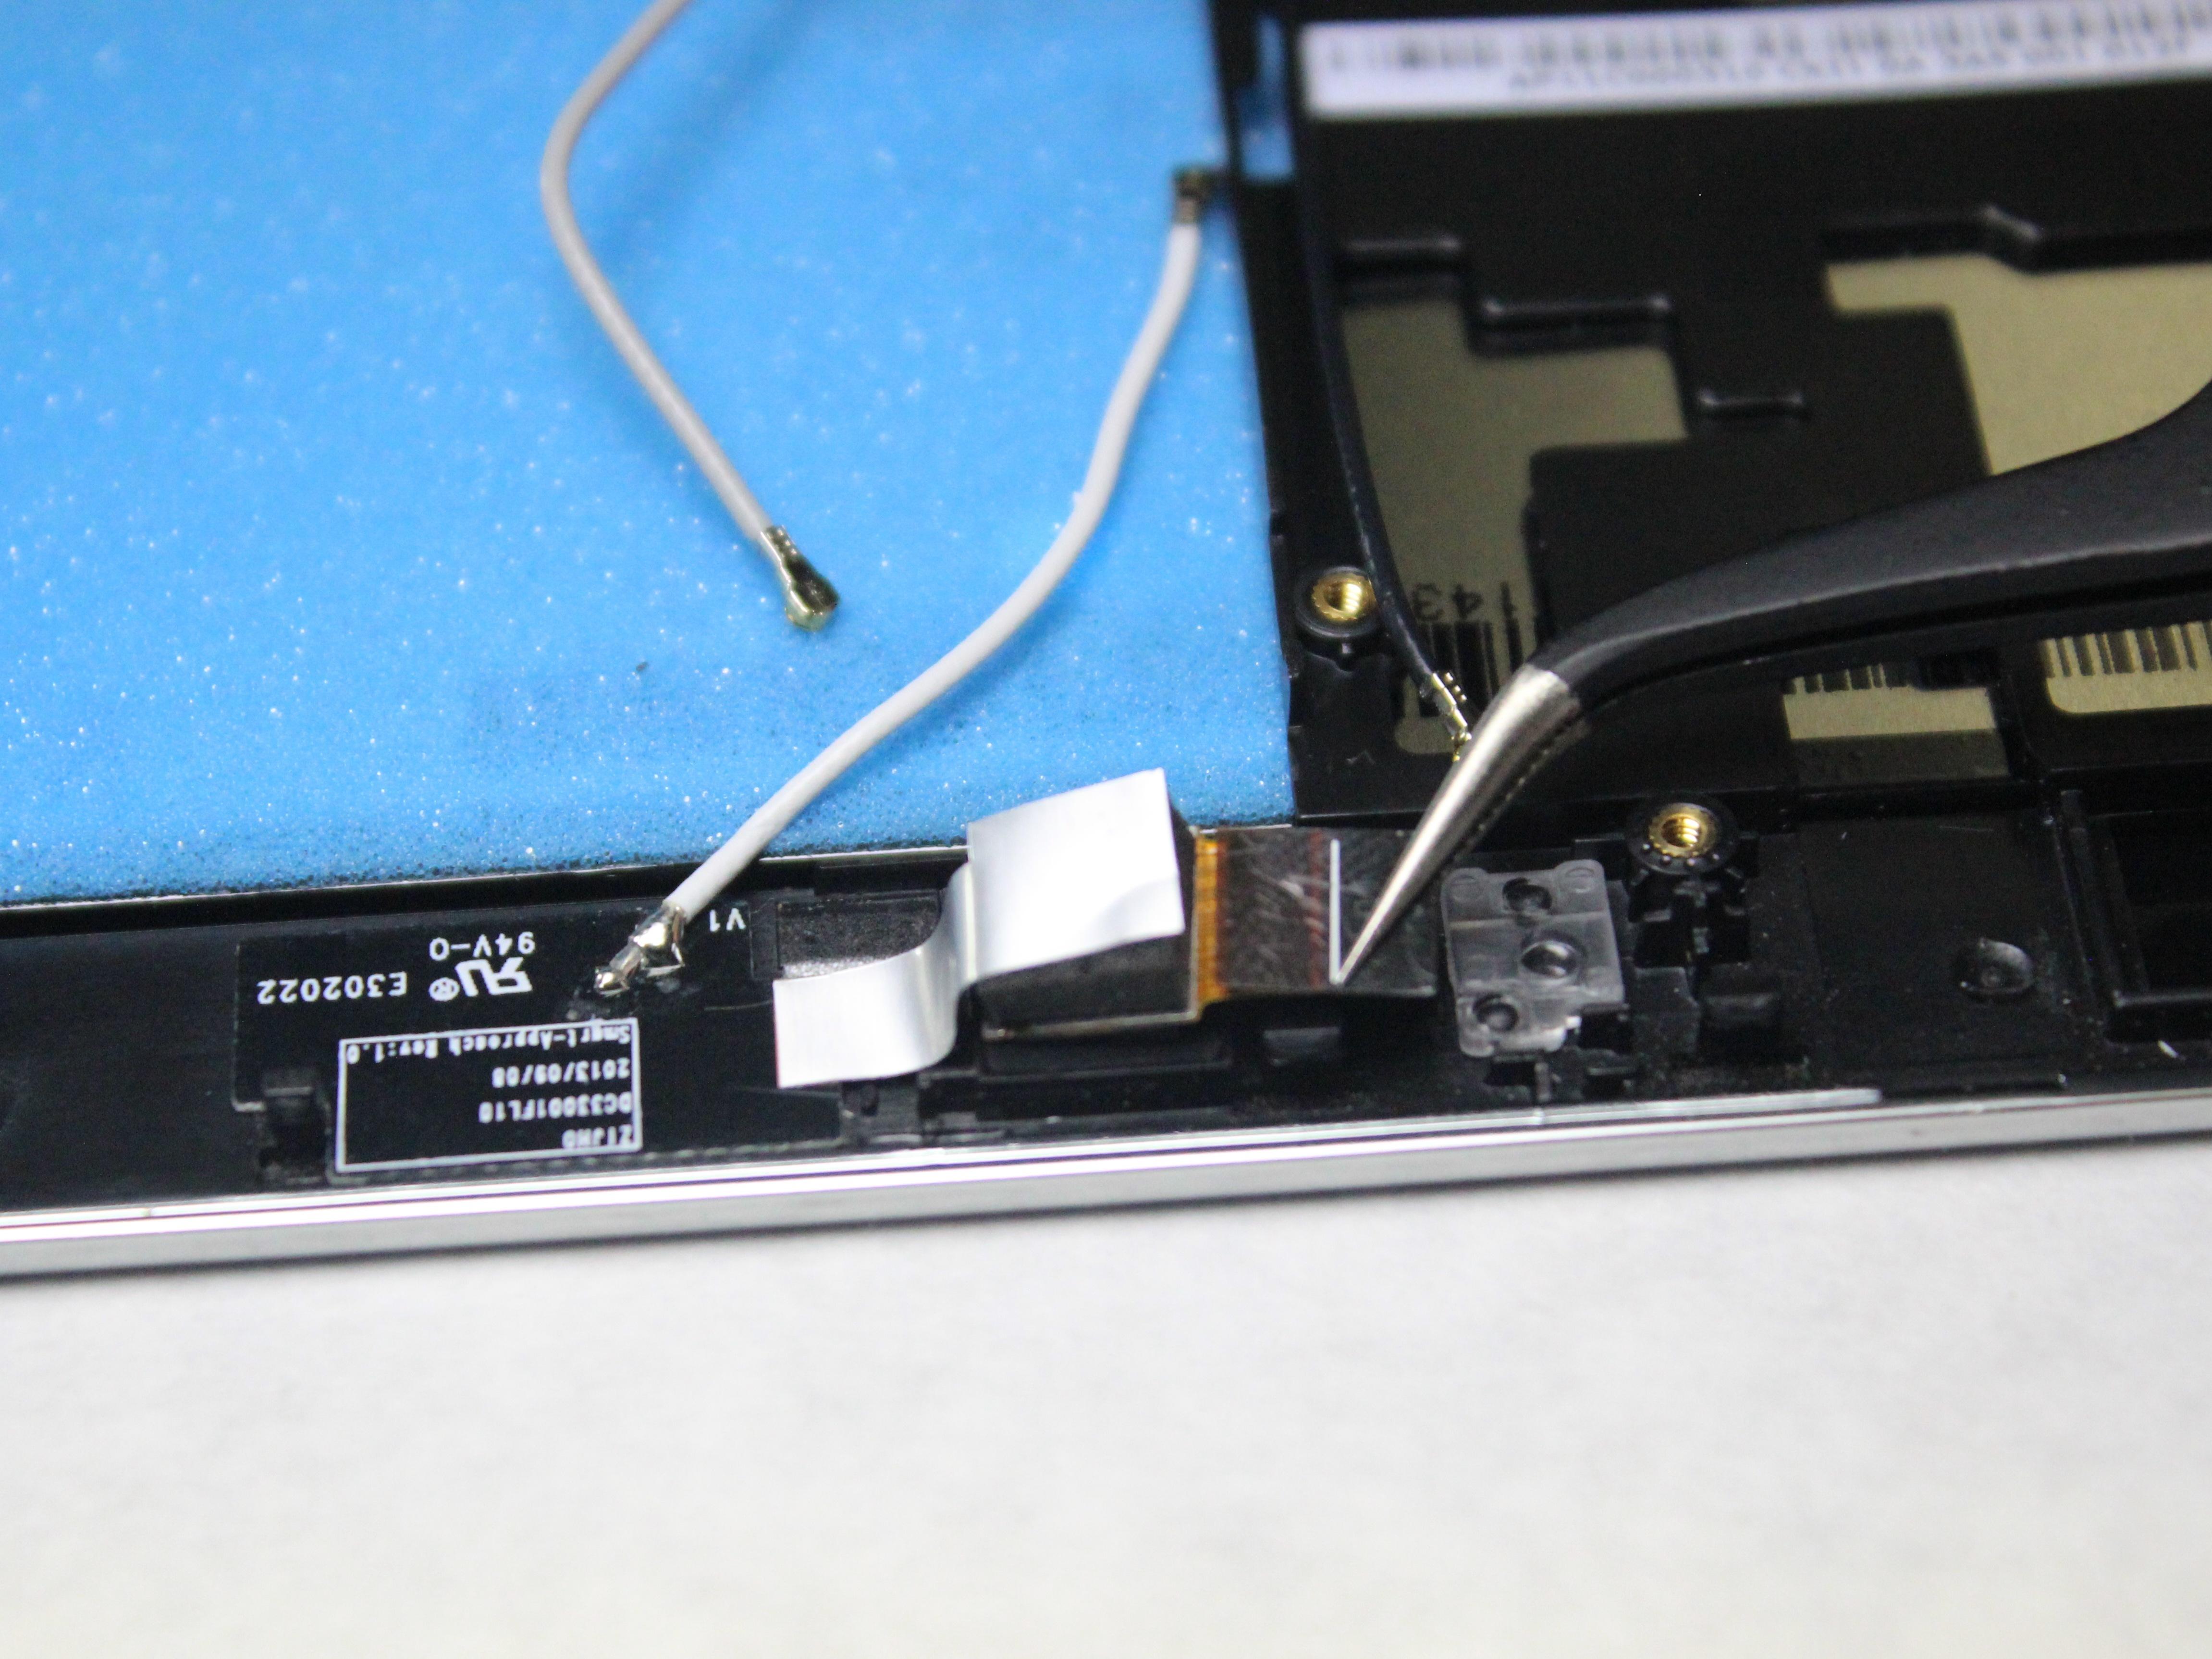 Lenovo Tablet Repair Ifixit Idea Tab A3500 Blue Miix 2 Front Facing Camera Replacement